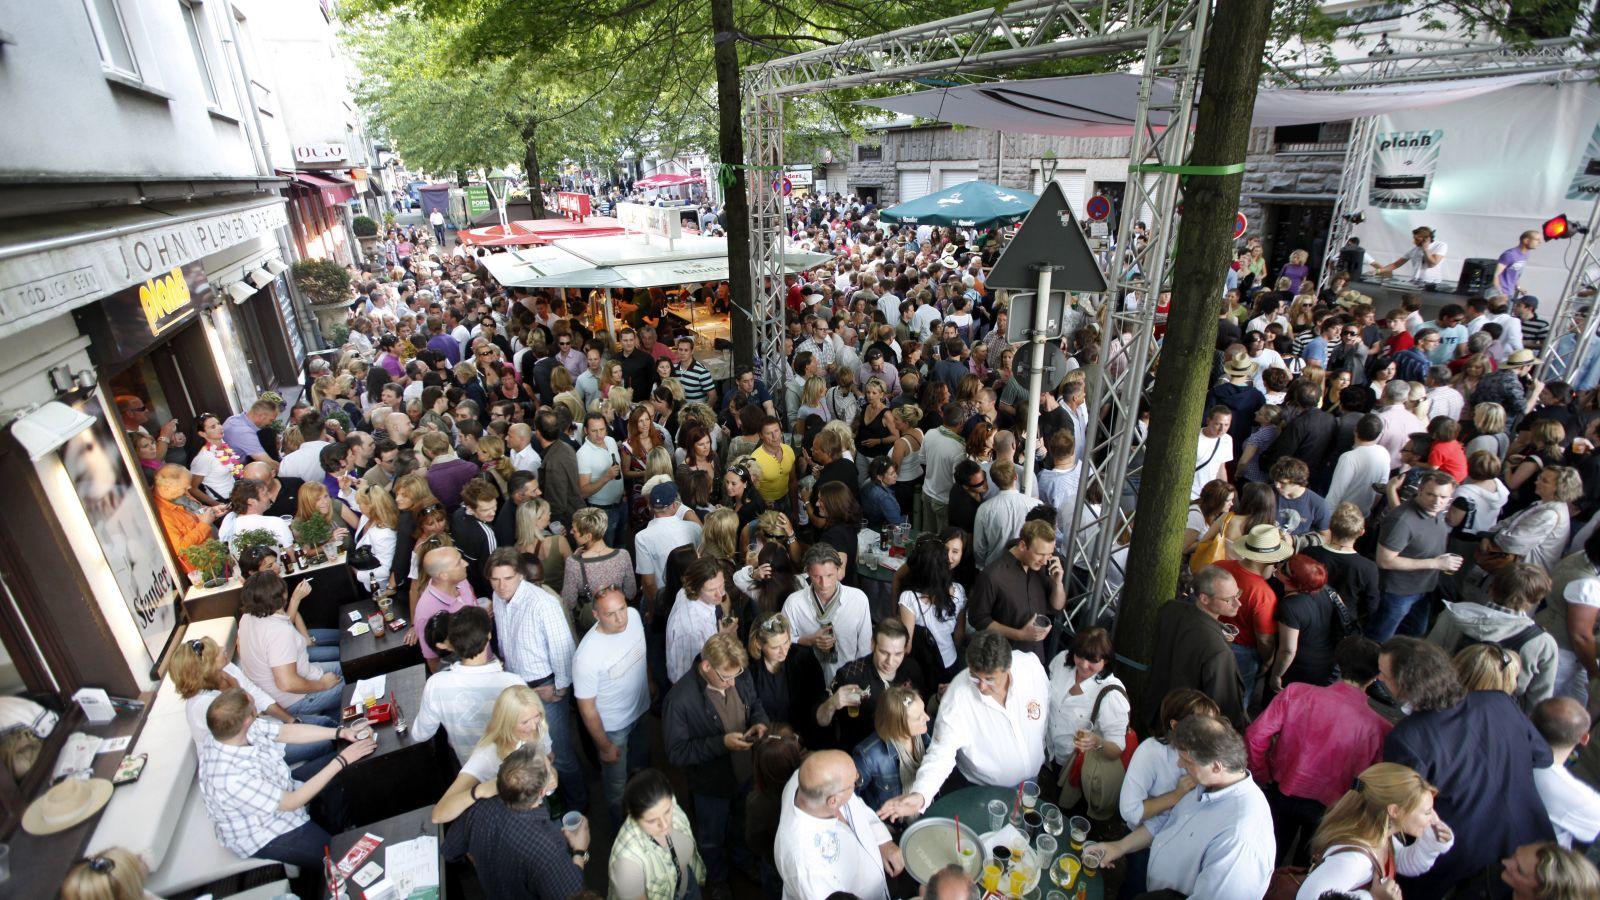 A Palmer Fest egy évente, általában májusban megrendezésre kerülő utcabál. Elég nagy népszerűségnek örvend, több ezer egyetemi hallgató szokott részt venni rajta, így az esemény sokszor túlzott ivászatba és rendbontásba torkollik. 2012-ben már este 7:50-kor veszélyes övezetnek nyilvánította a területet az Athéni polgármester,  majd nem sokkal később be is zárták a rendezvényt. (Jochen Tack / imageBROKER/Shutterstock)